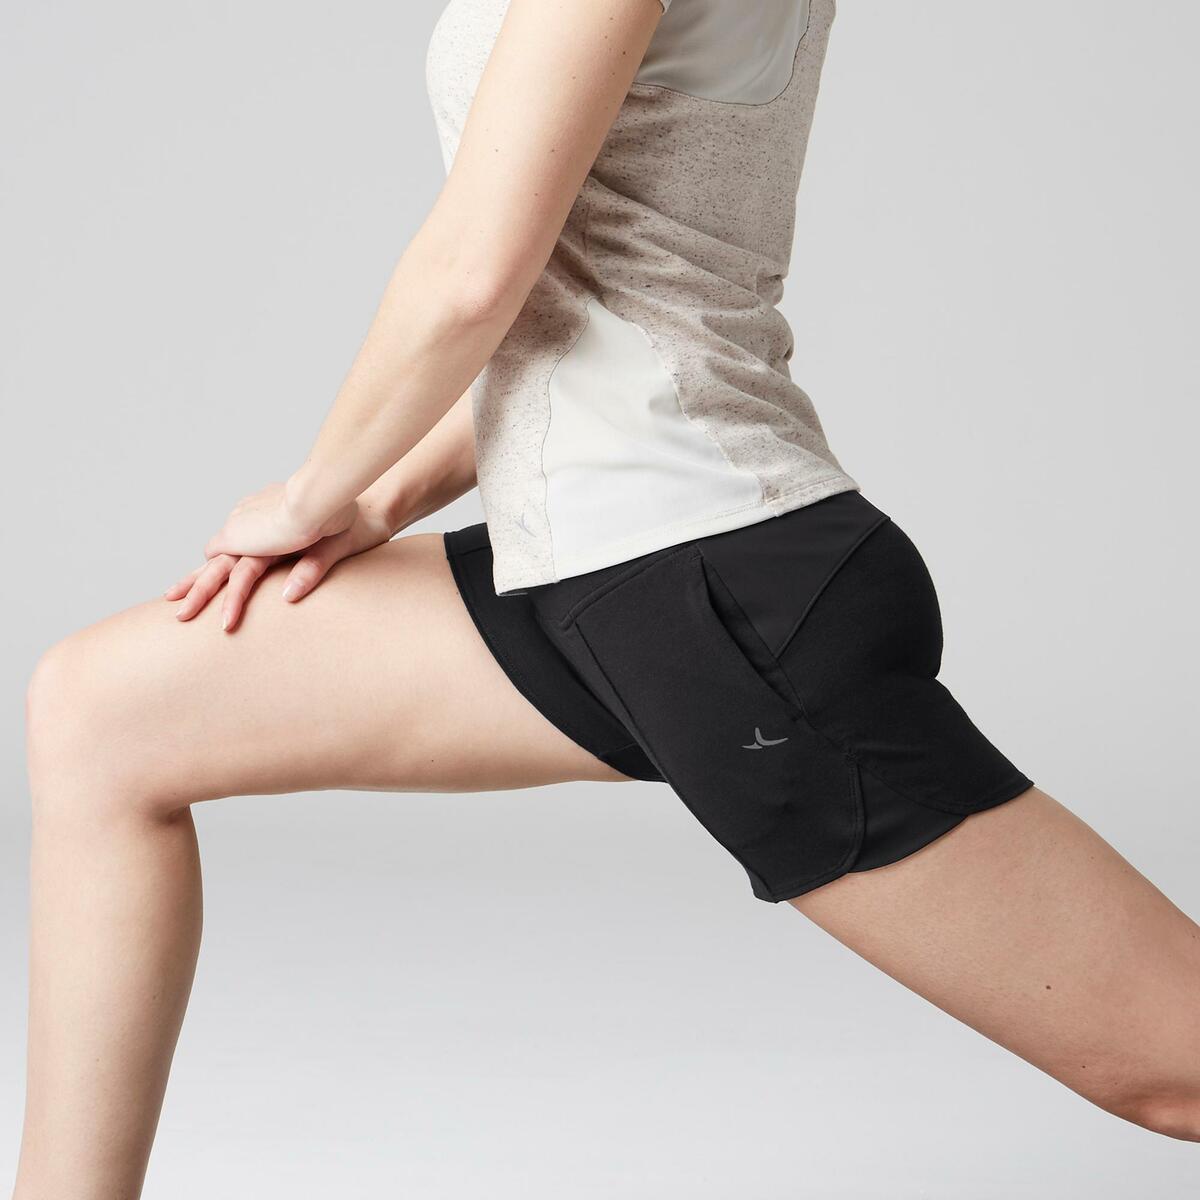 Bild 5 von Sporthose kurz 520 Gym Stretching Damen schwarz